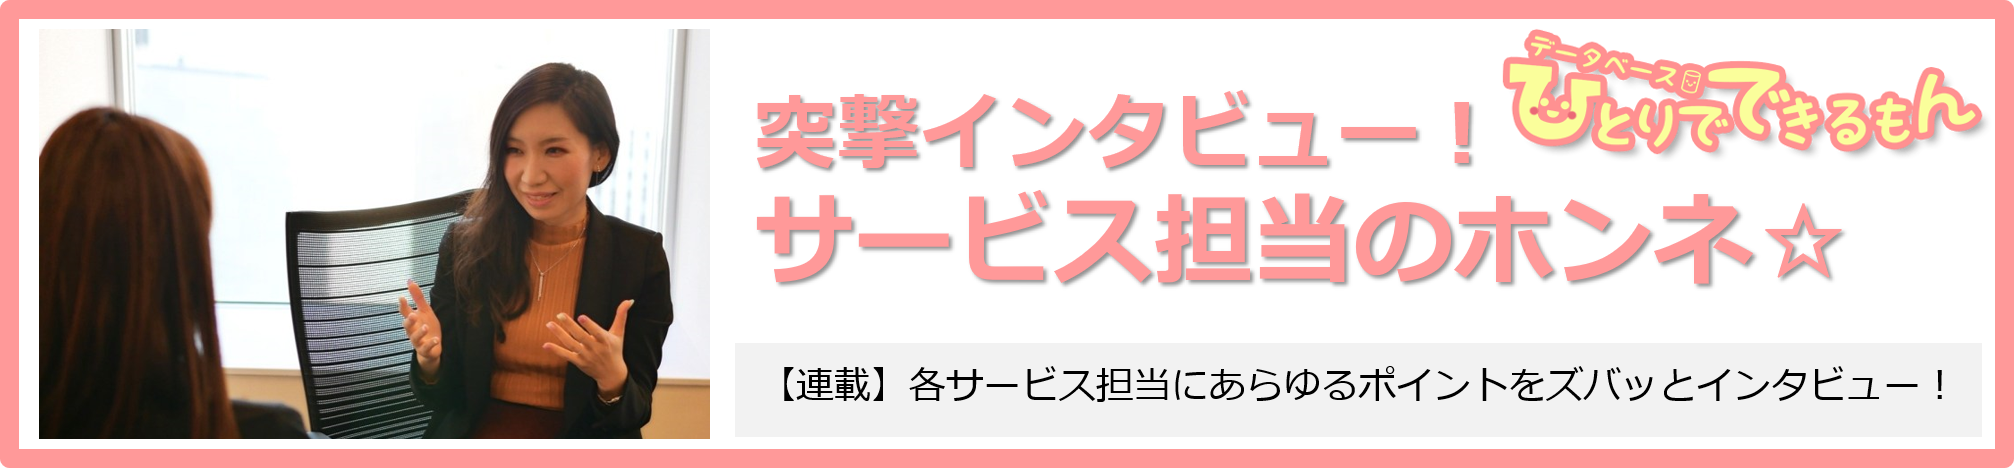 【突撃インタビュー!】サービス担当のホンネ☆